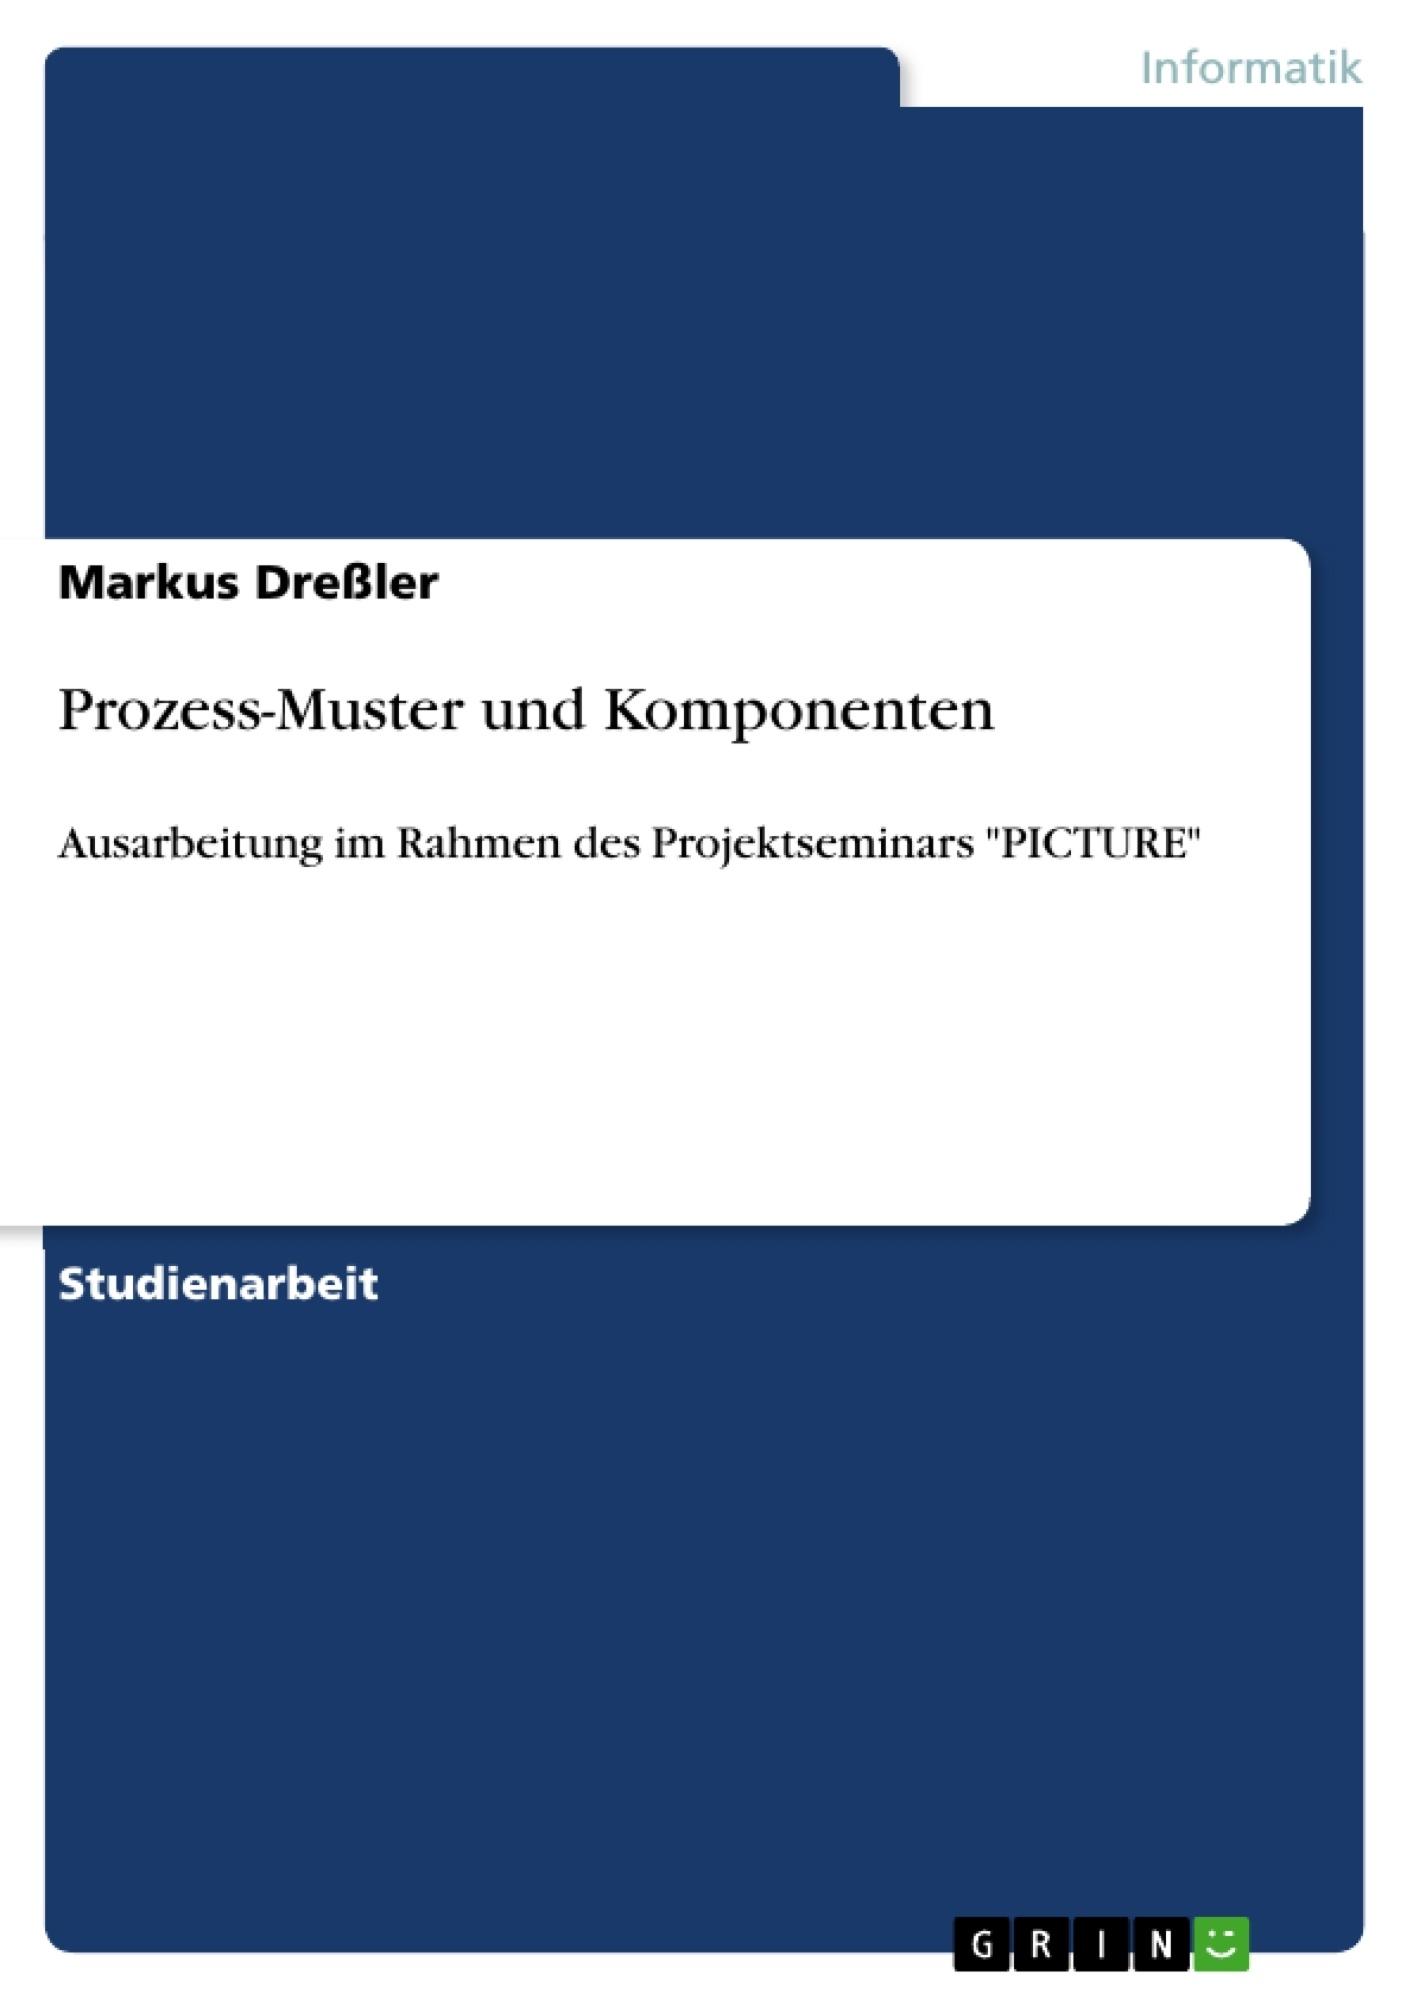 Titel: Prozess-Muster und Komponenten